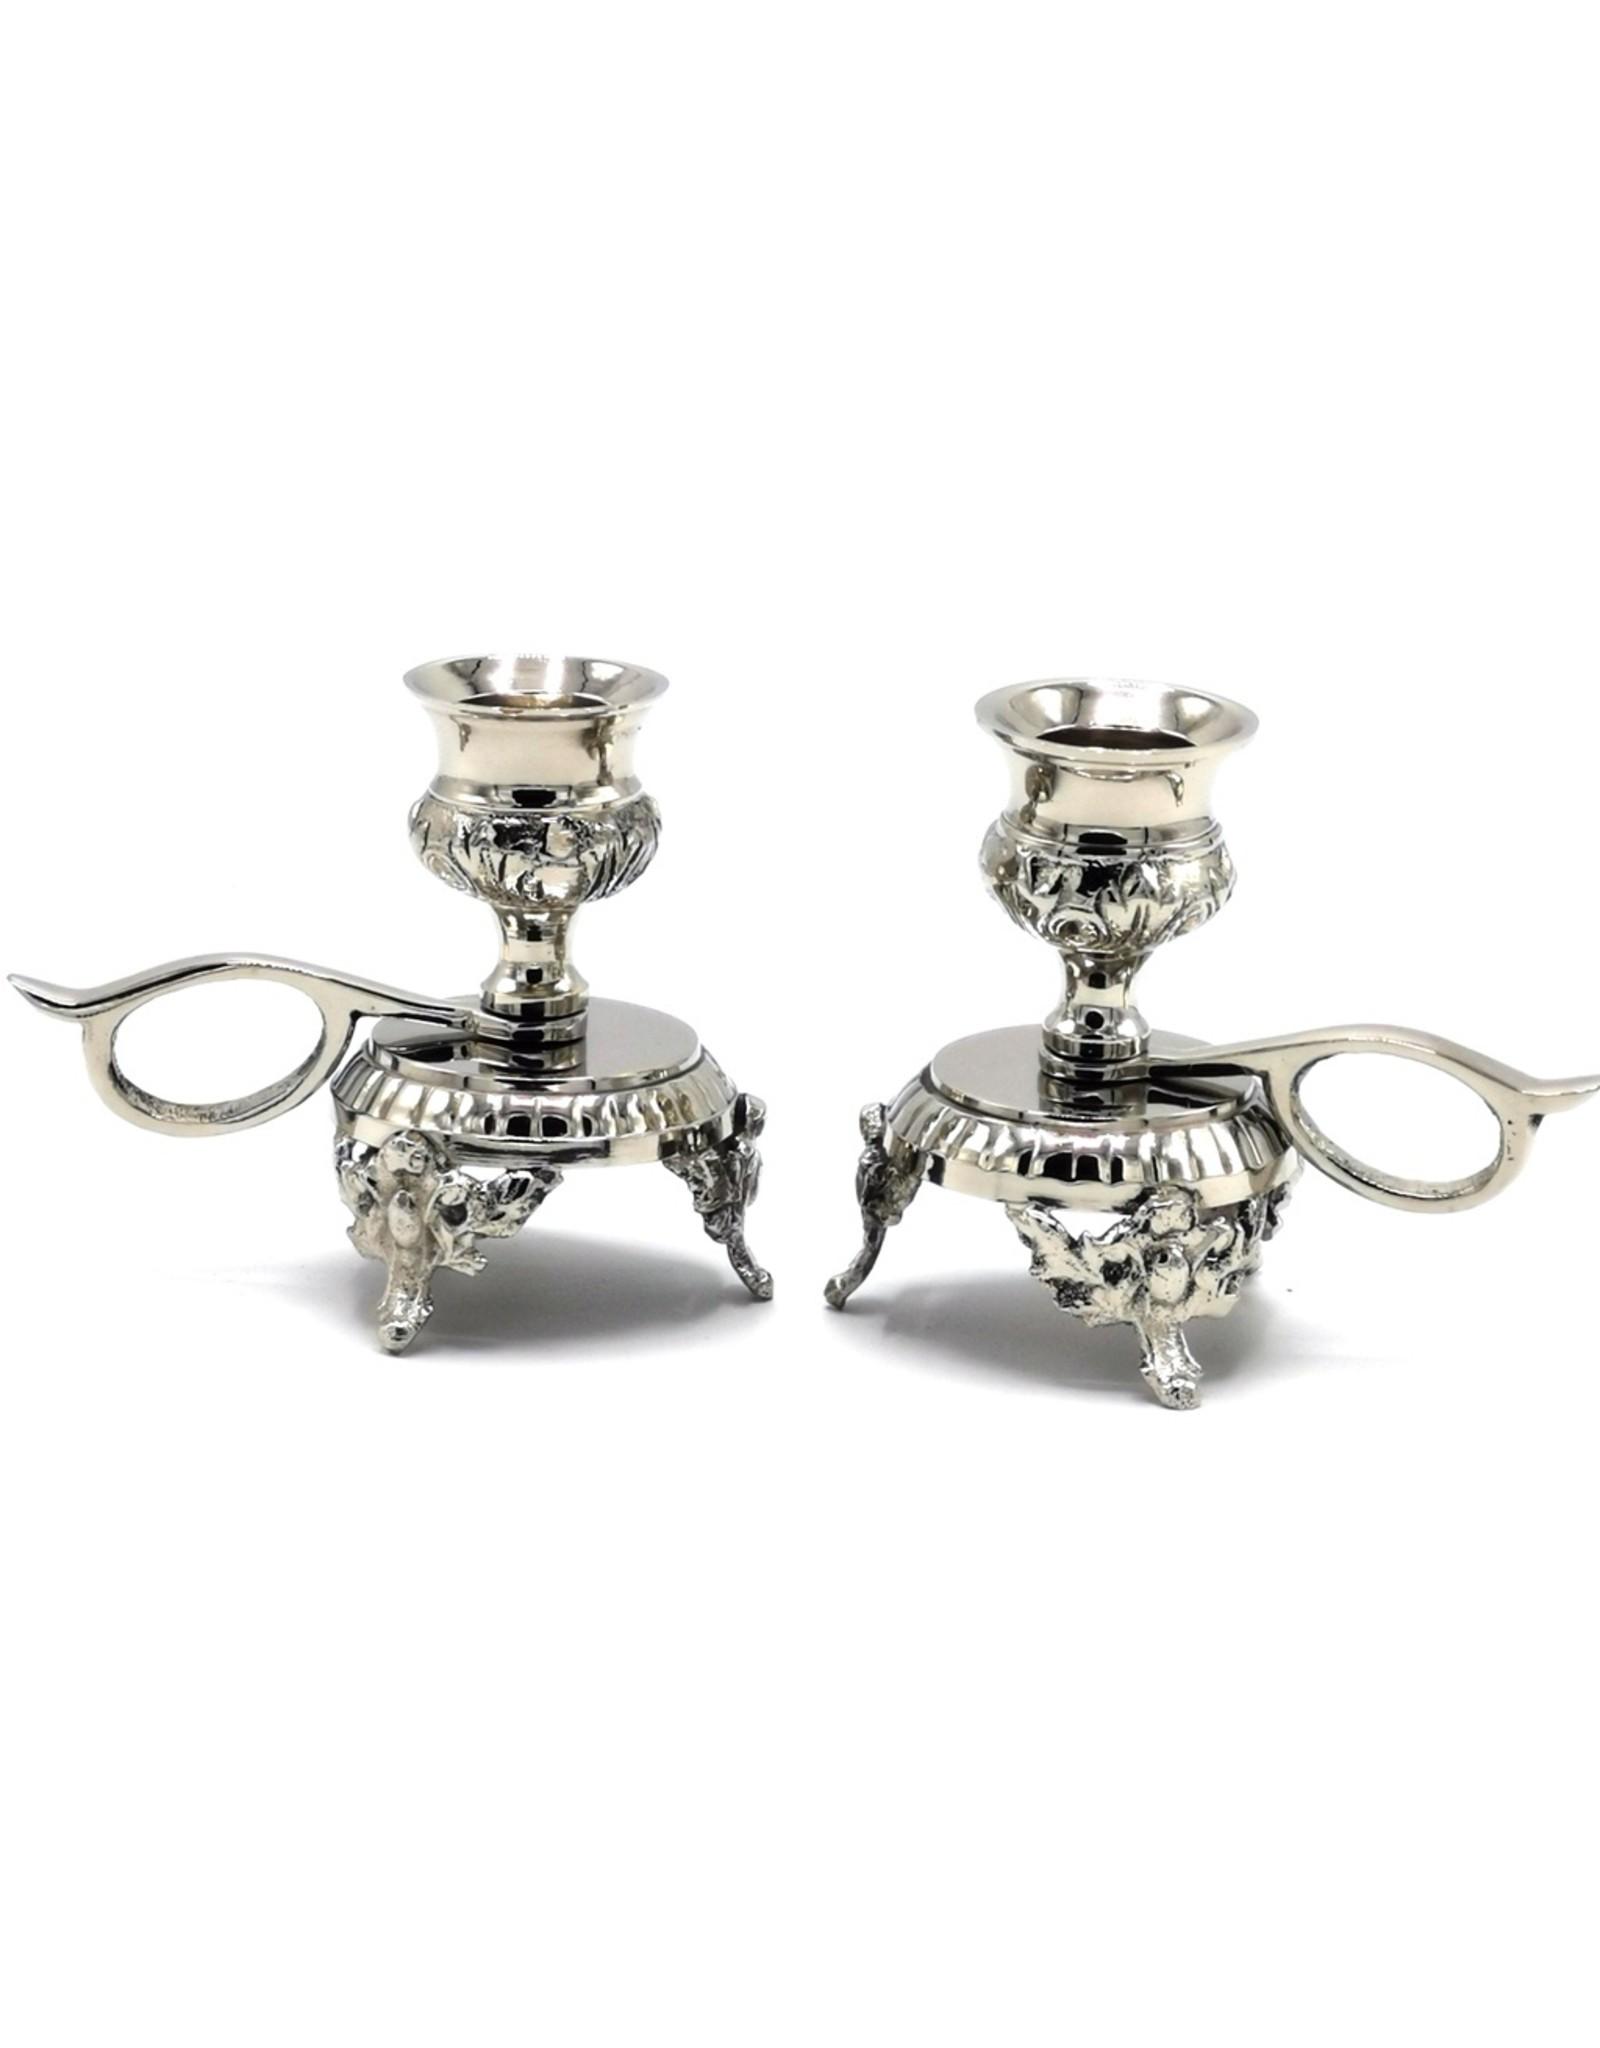 Barok Giftware & Lifestyle - Barok Minikandelaar - messing, zilverkleurig